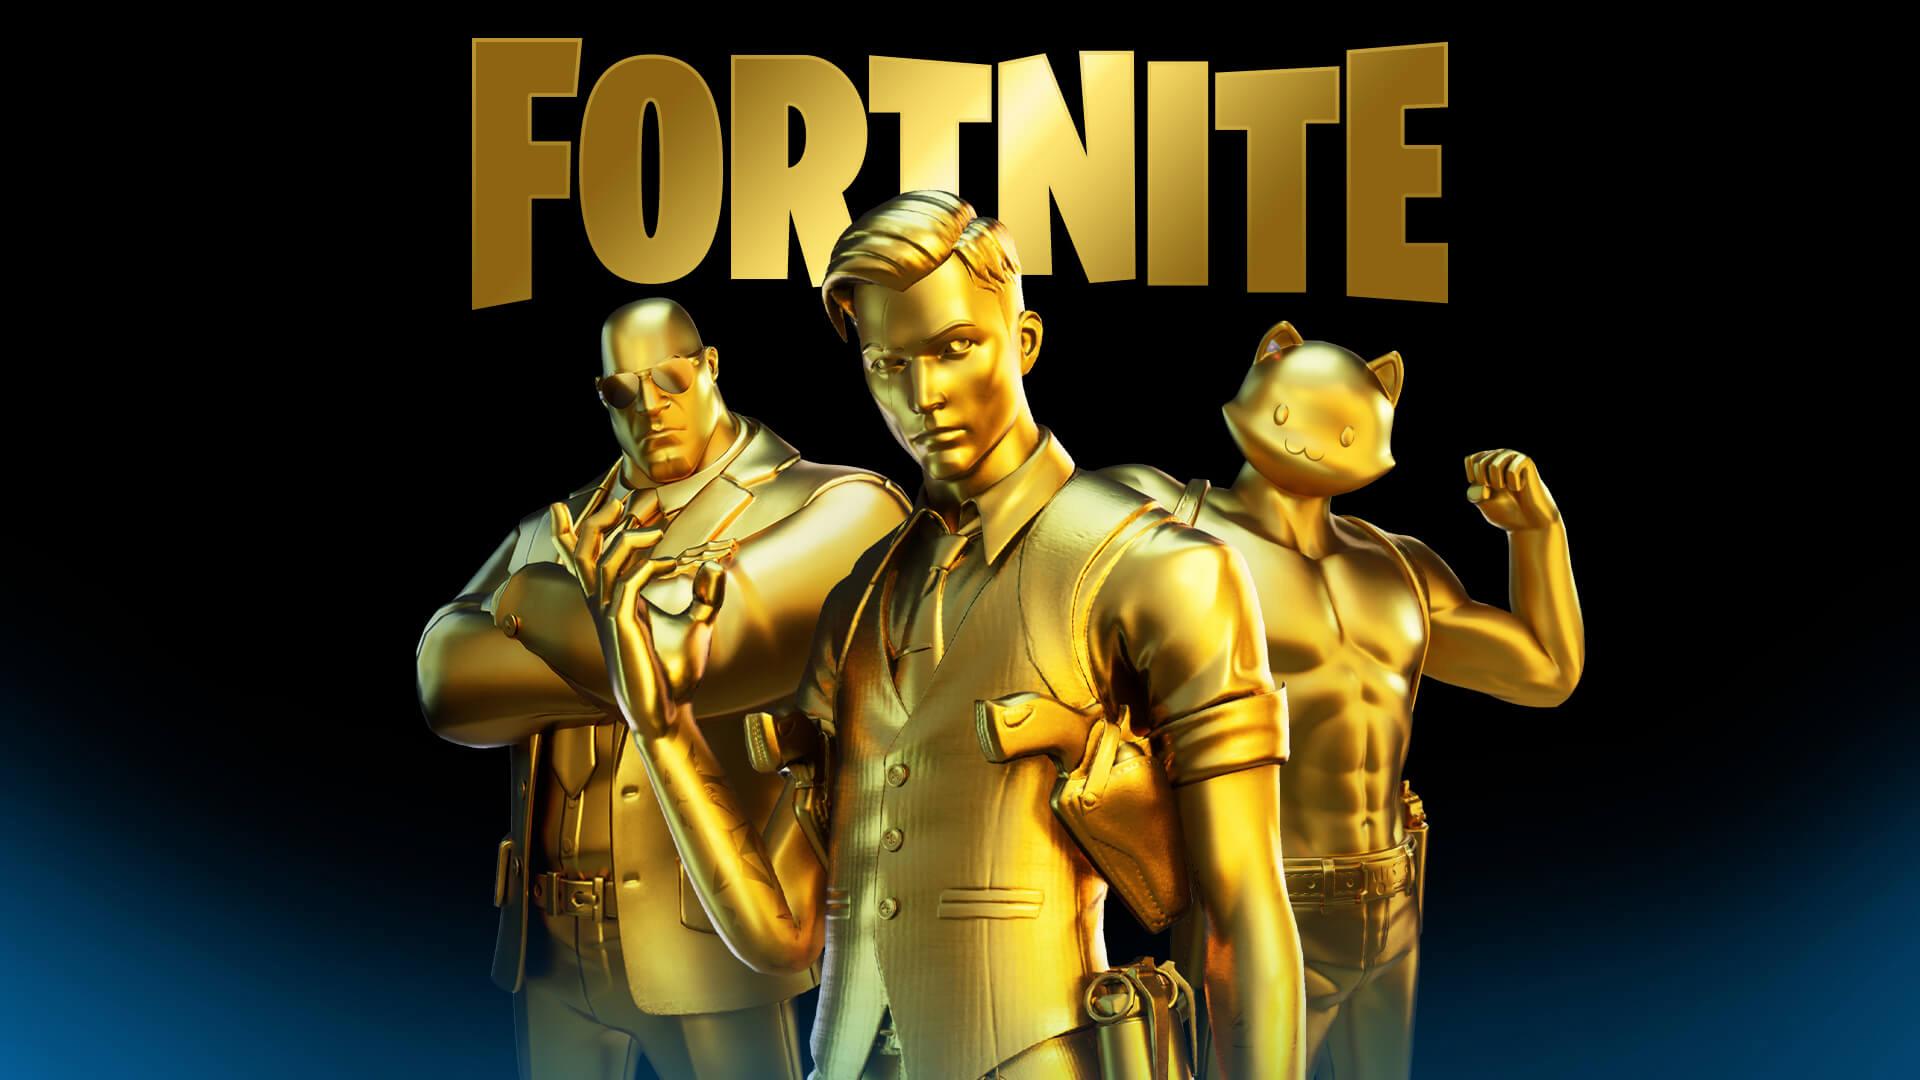 Fortnite преодолела отметку в 350 000 000 зарегистрированных пользователей